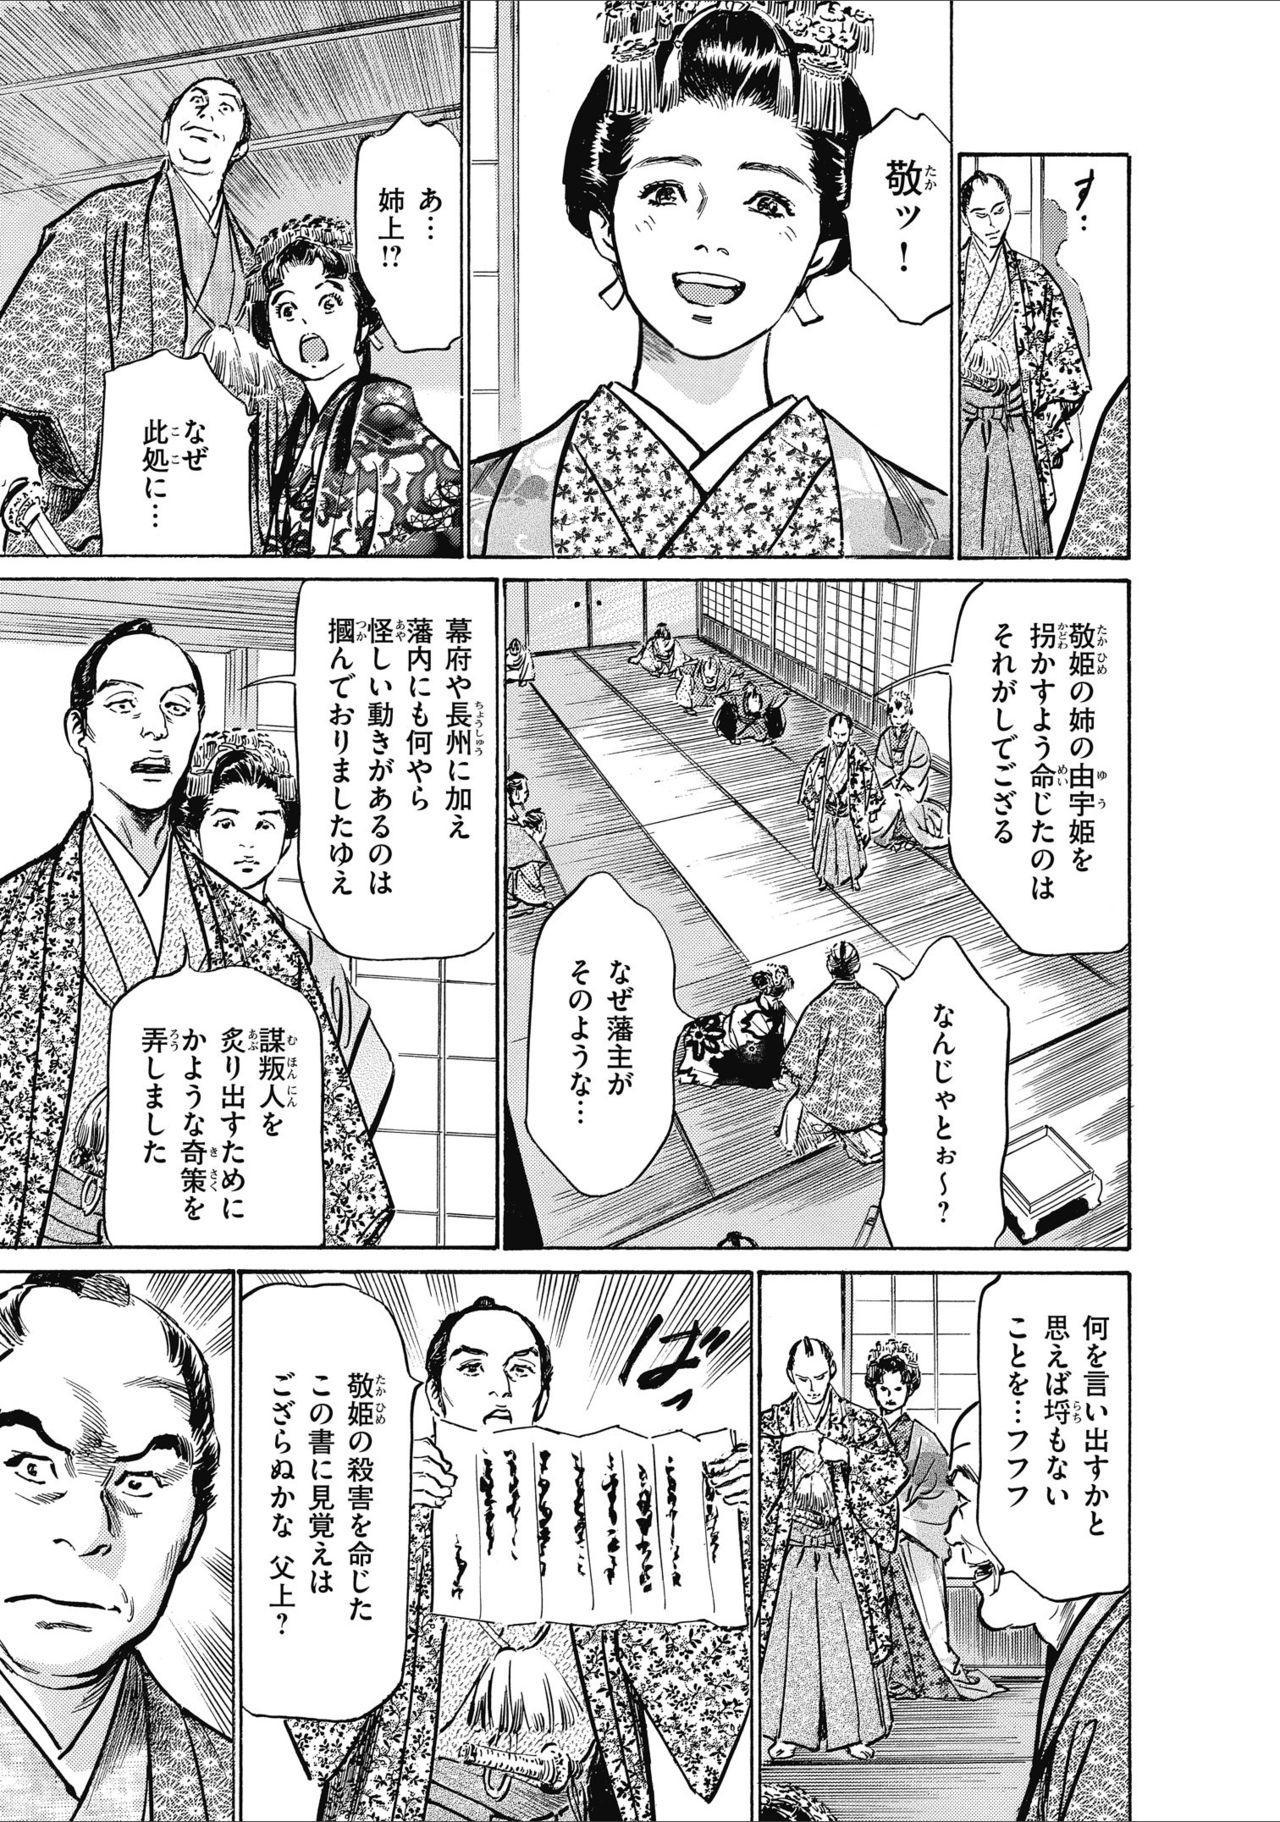 ひめごと 浮世艶草子 182